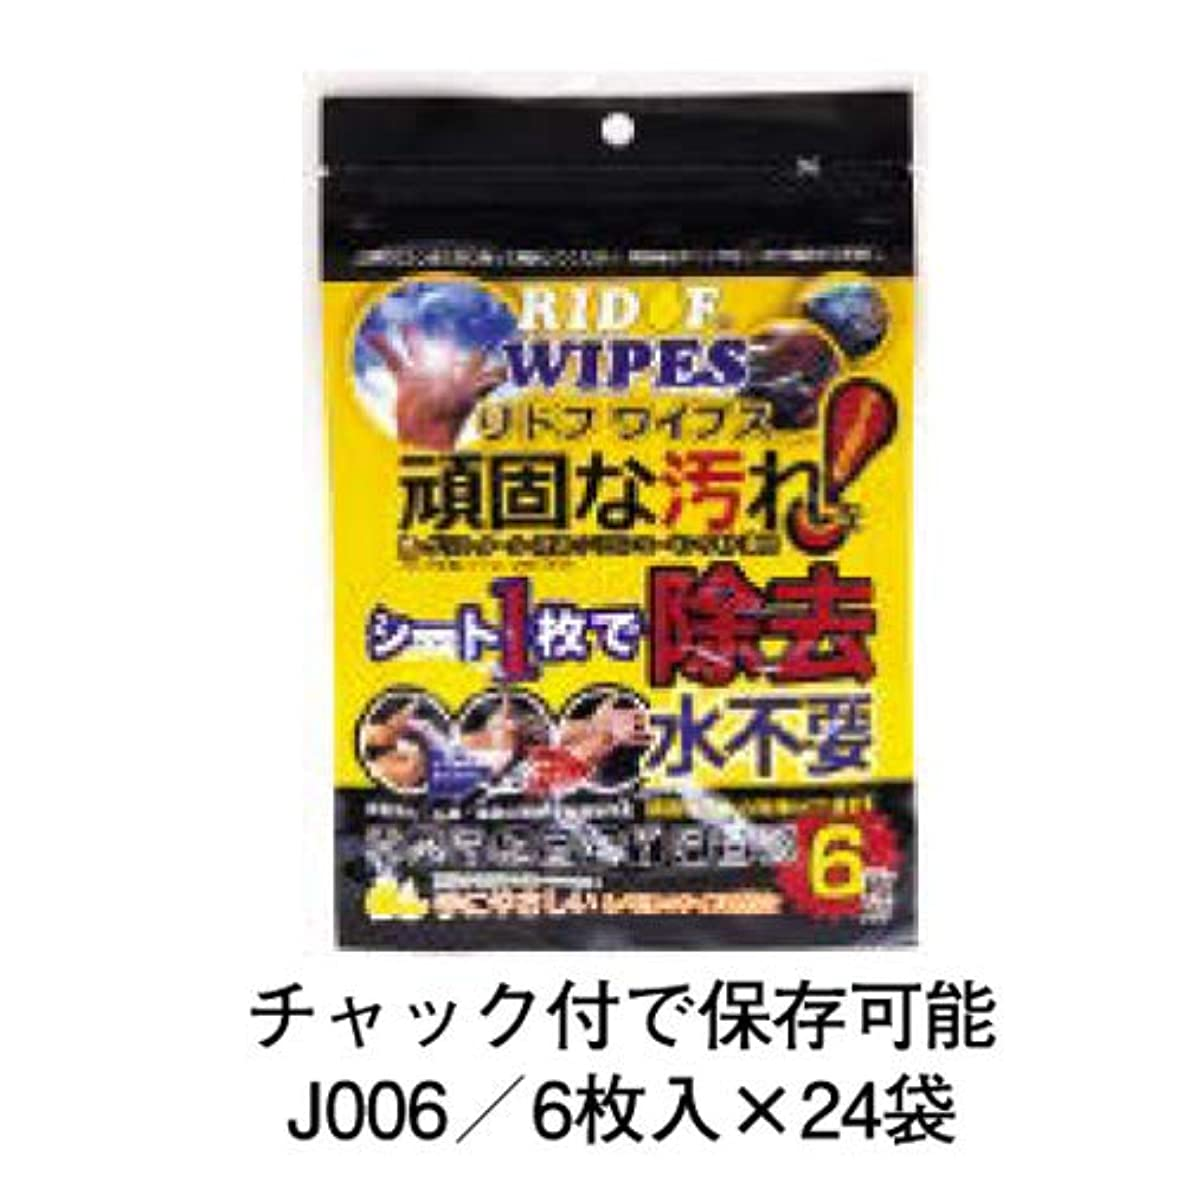 調べる幻想放置リドフワイプス チャック付タイプ/6枚入×24袋 J006